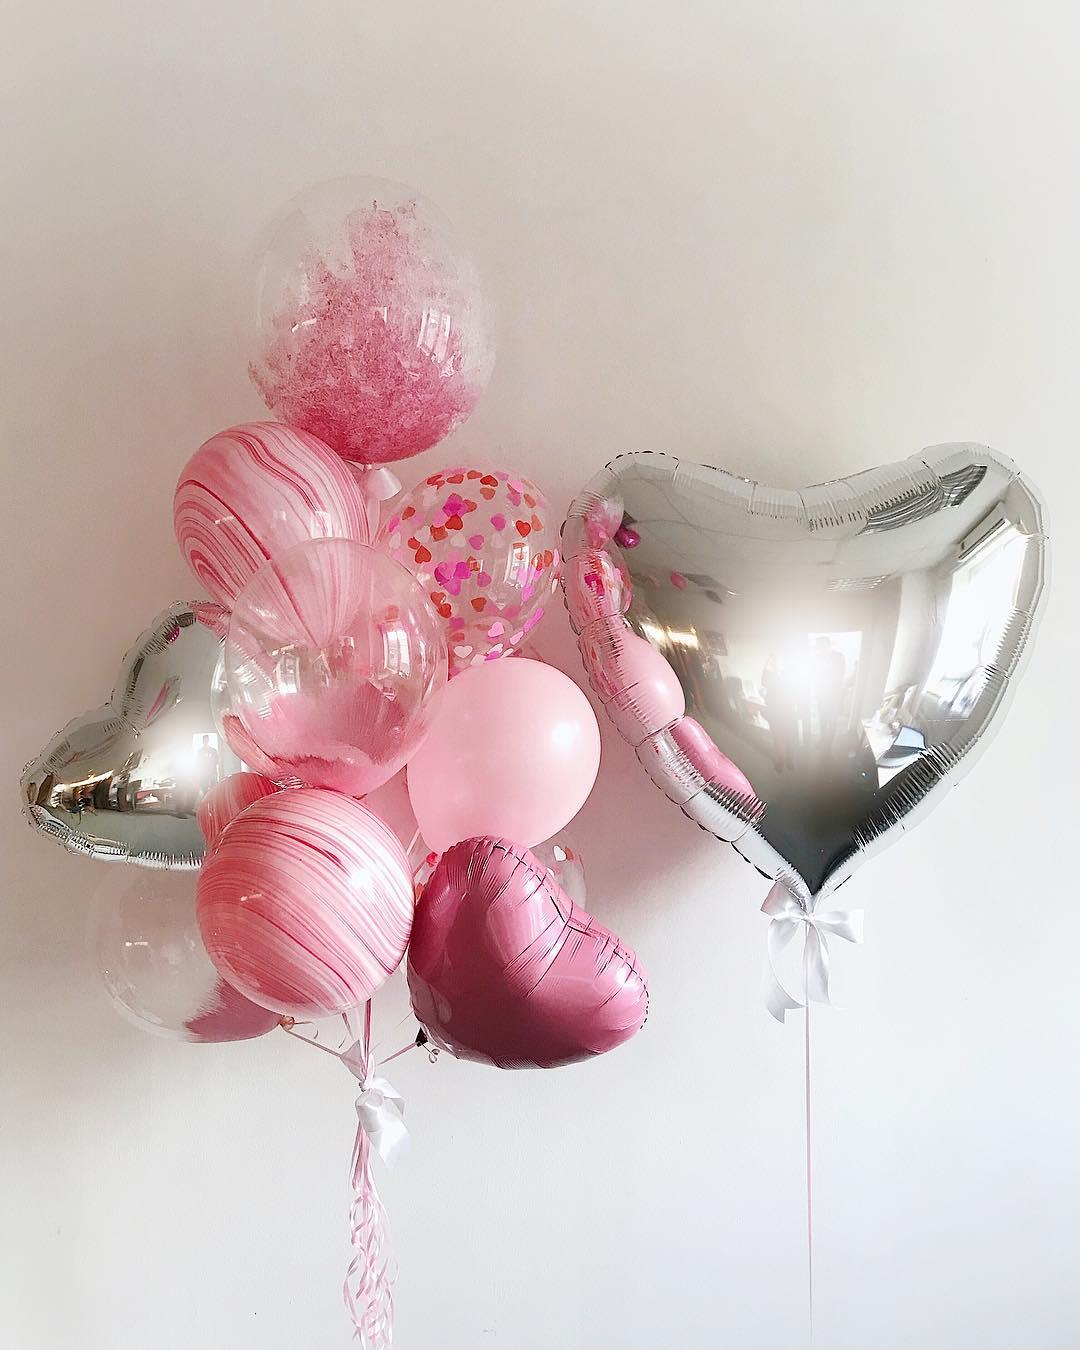 Подарите возлюбленной атрибут для эффектных фото - воздушные шары. Instagram: @shar.lux